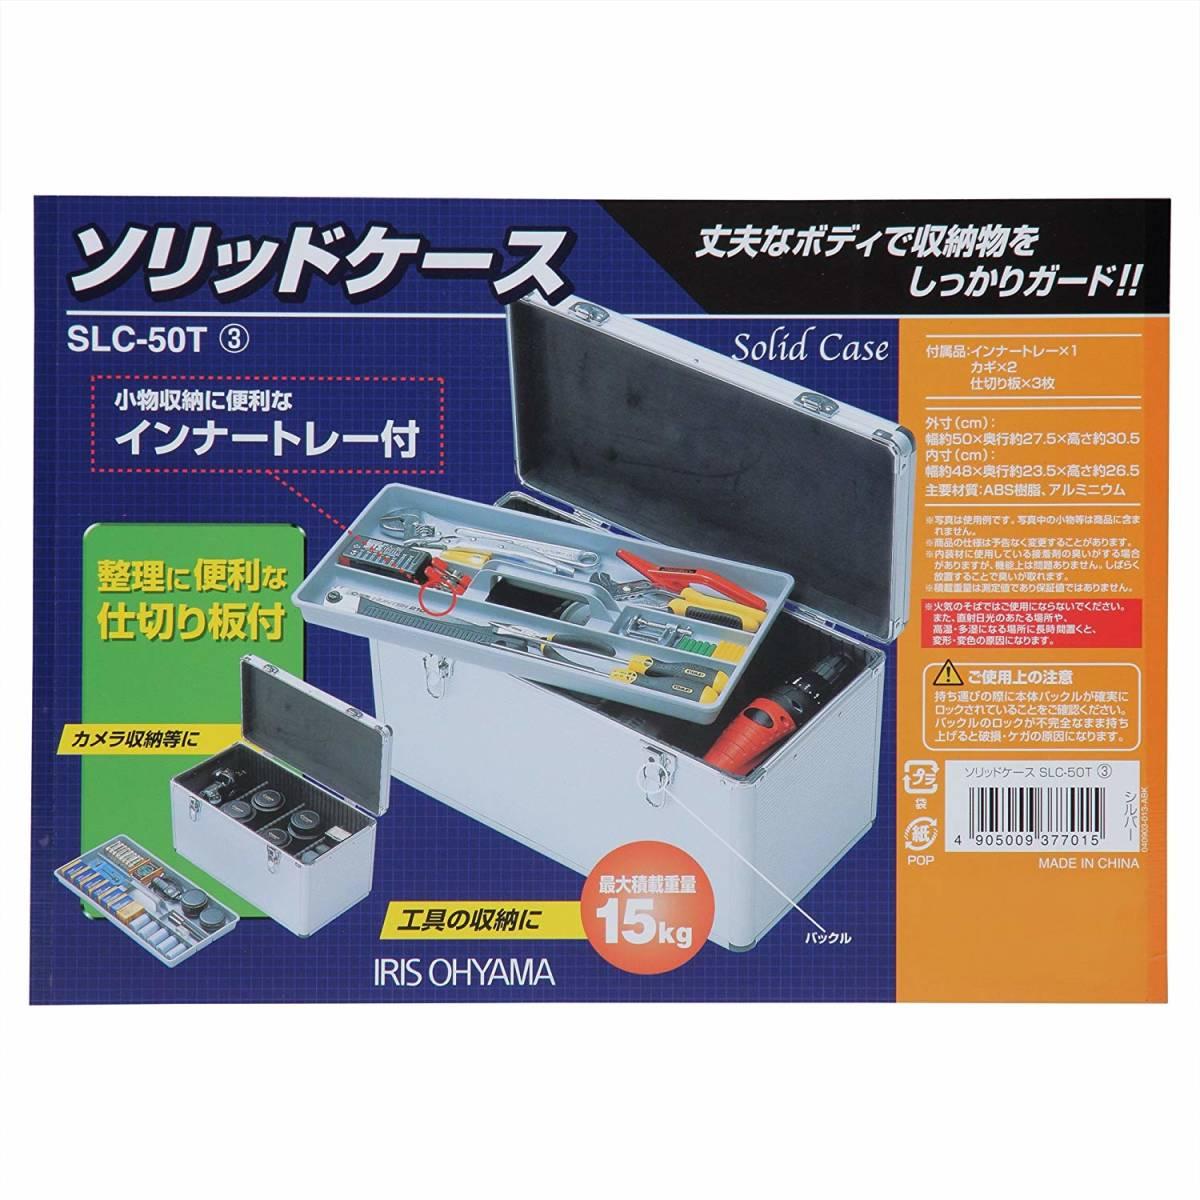 【未使用】 アイリスオーヤマ アルミケース ソリッドケース 工具収納ケース 工具箱 W約50×D約27.5×H約30.5cm SLC-50T C-179_画像2